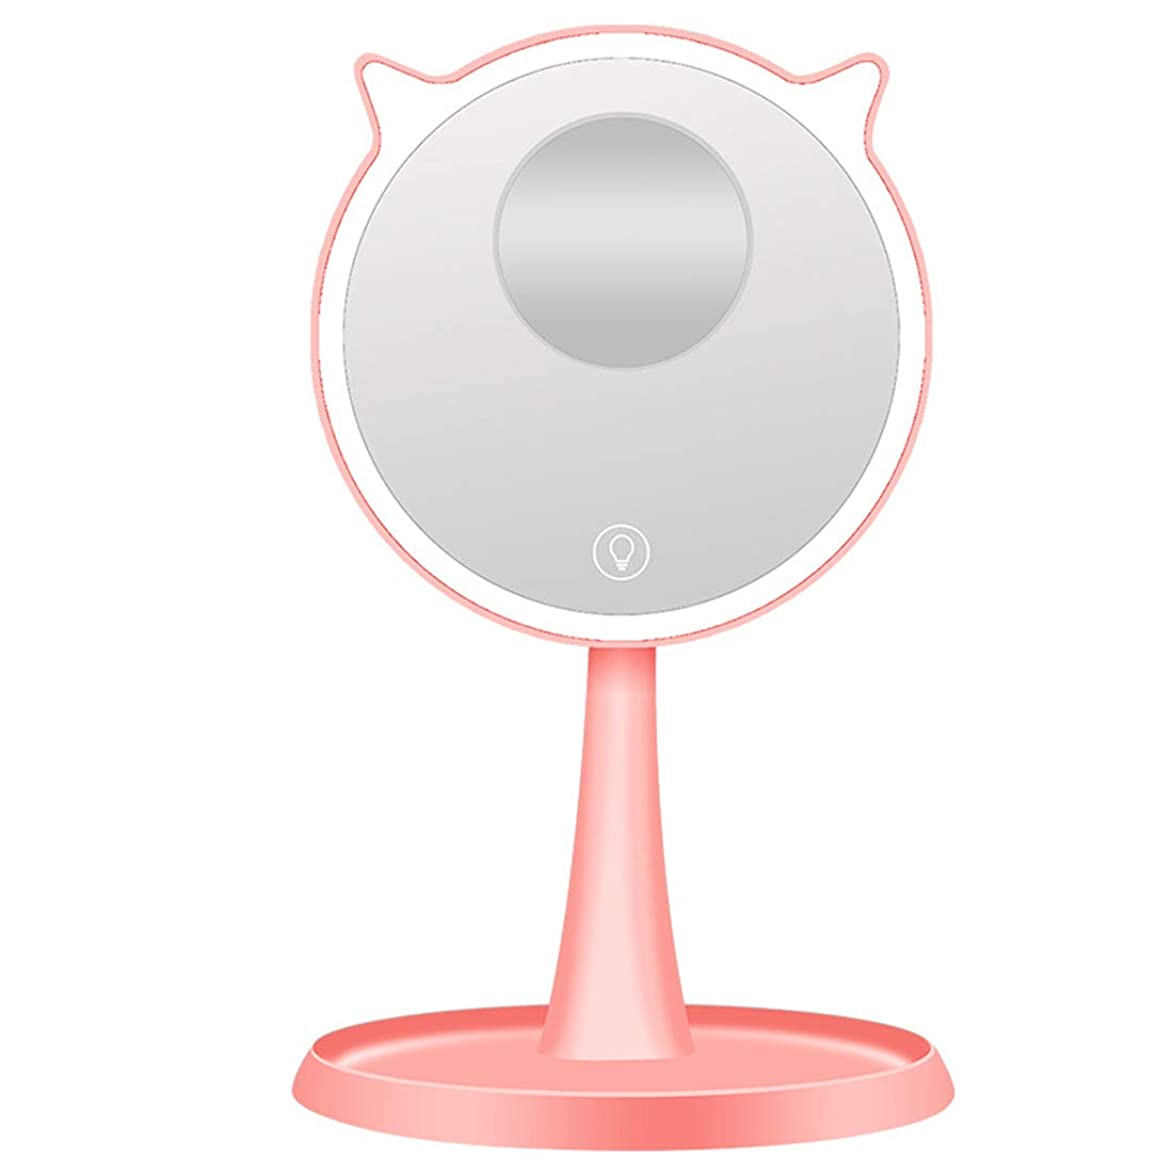 モトリー因子作りますGloriza 化粧鏡 LEDライト付き 10倍拡大鏡 メイクアップミラー タッチパネル?45度回転 収納スペース付き USB充電式 可愛い 卓上ミラー 鏡 (ピンク)